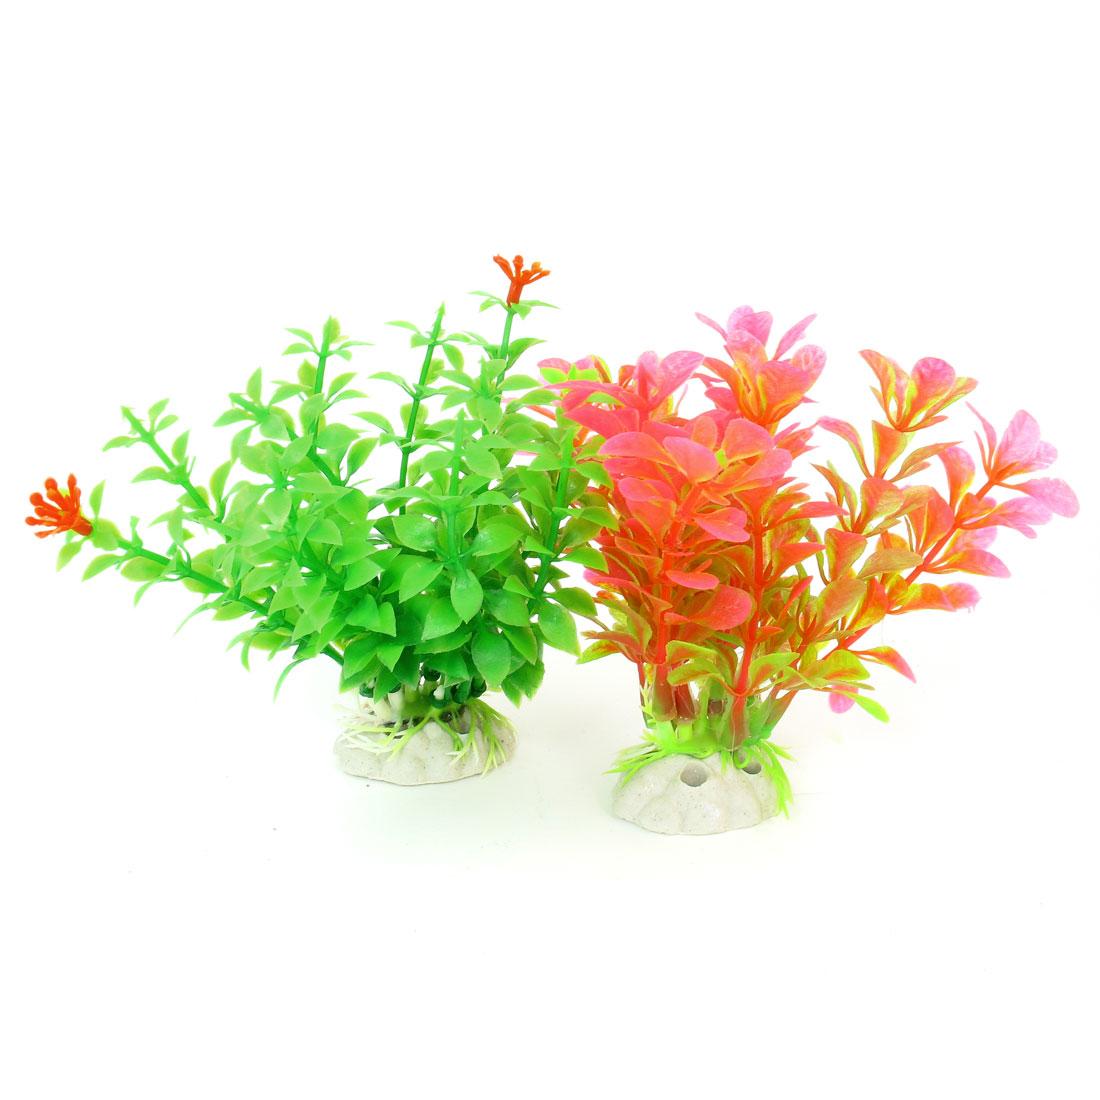 """2 Pcs Green Pink Emulational Fish Tank Aquarium Grasses Decor 4.5"""" High"""